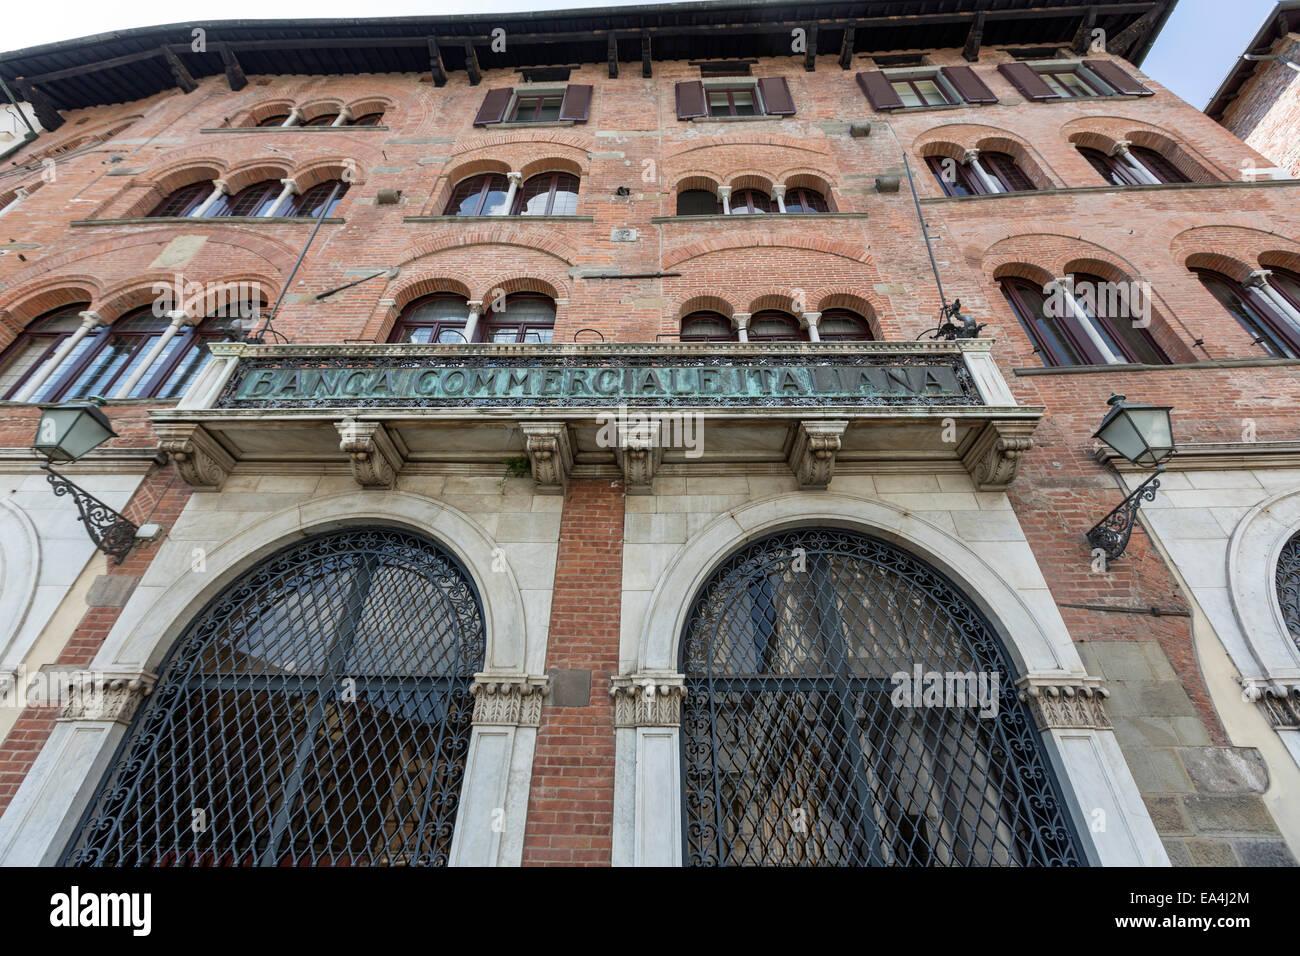 Piazza San Michele Lucca Palazzo della Banca Commerciale Italiana Imagen De Stock